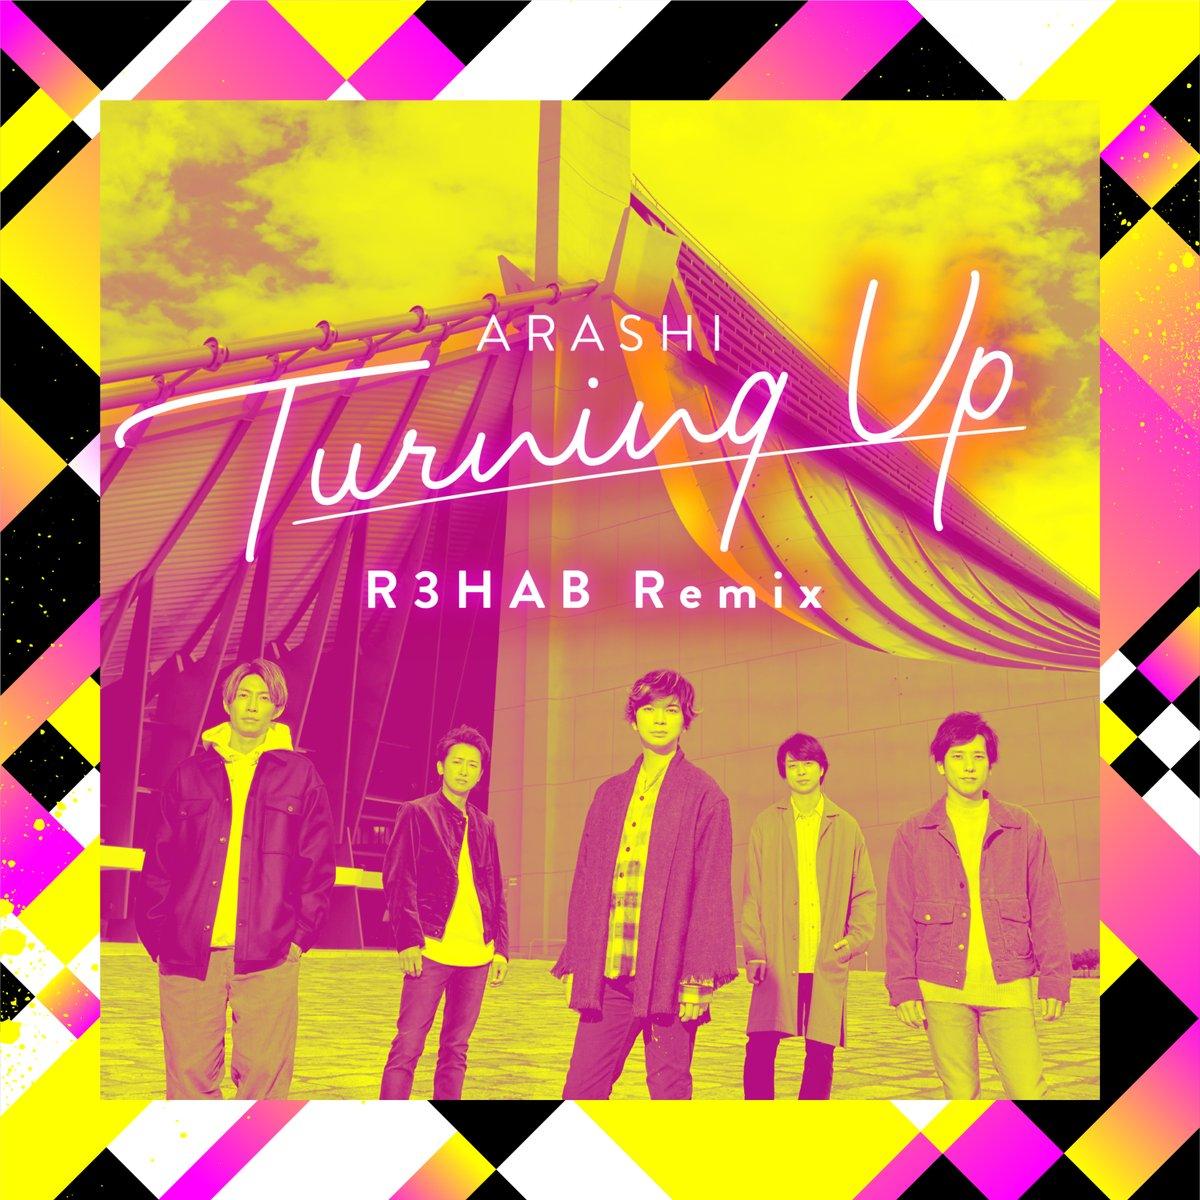 明日 TOMORROW @R3HAB  #R3hab #嵐 #ARASHI